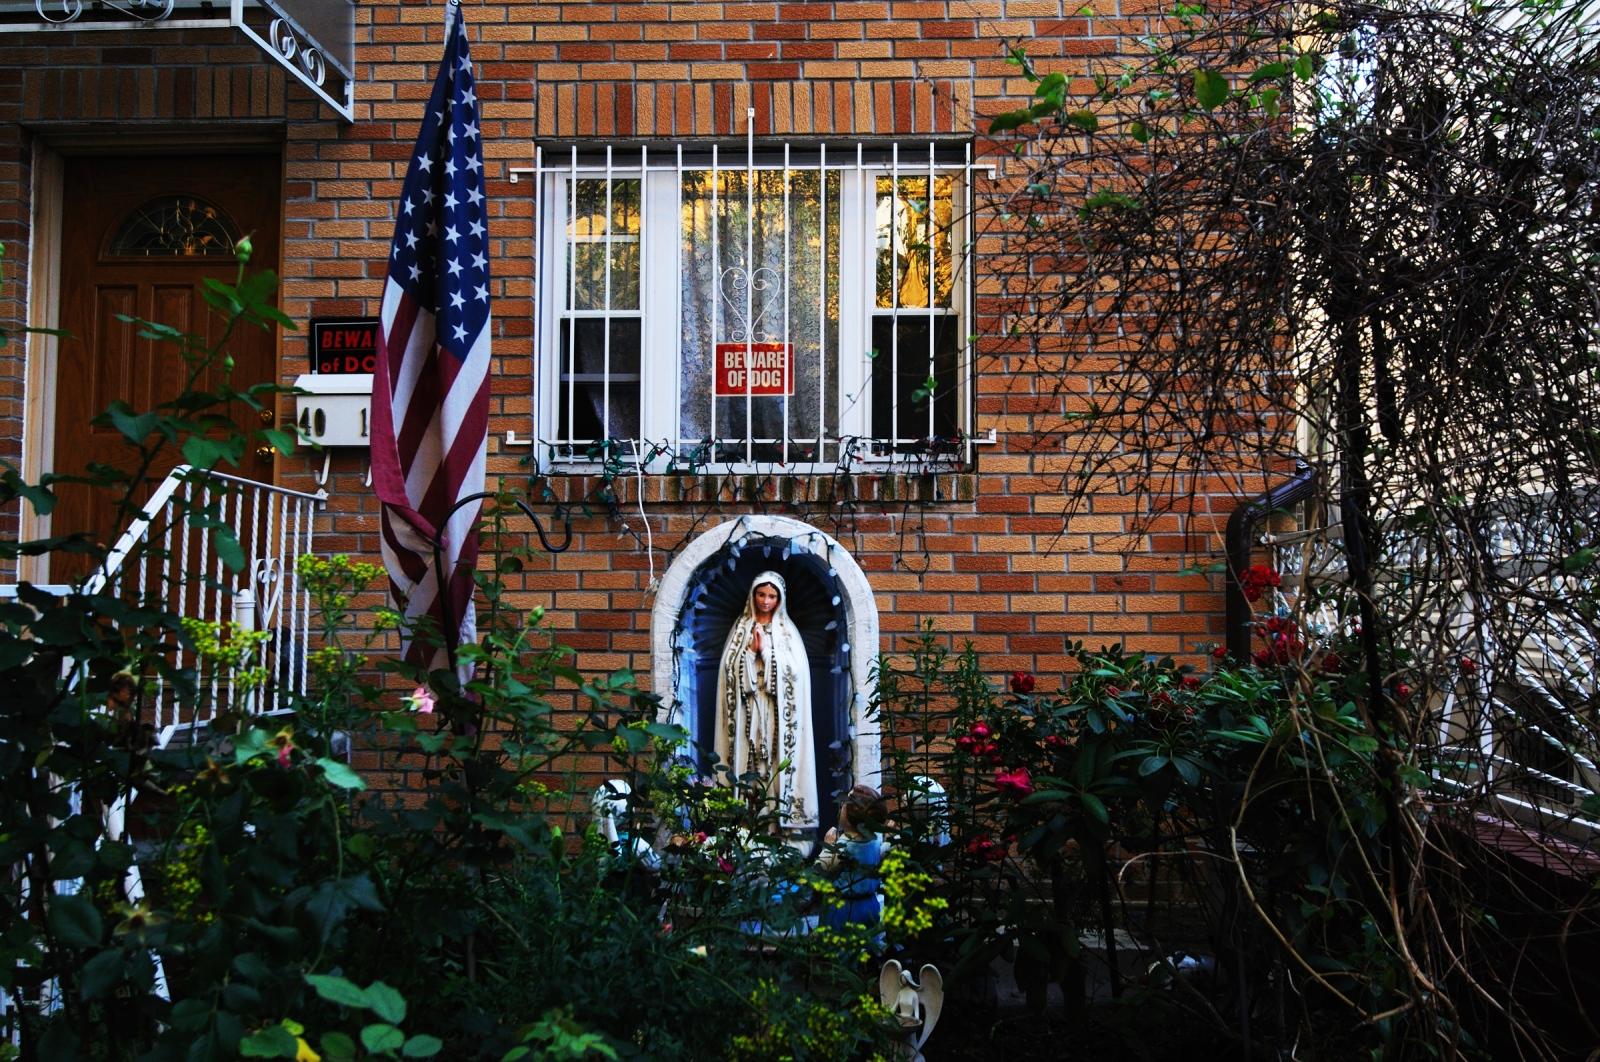 Jackson Heights 's streets spanish neigborhood in Queens.